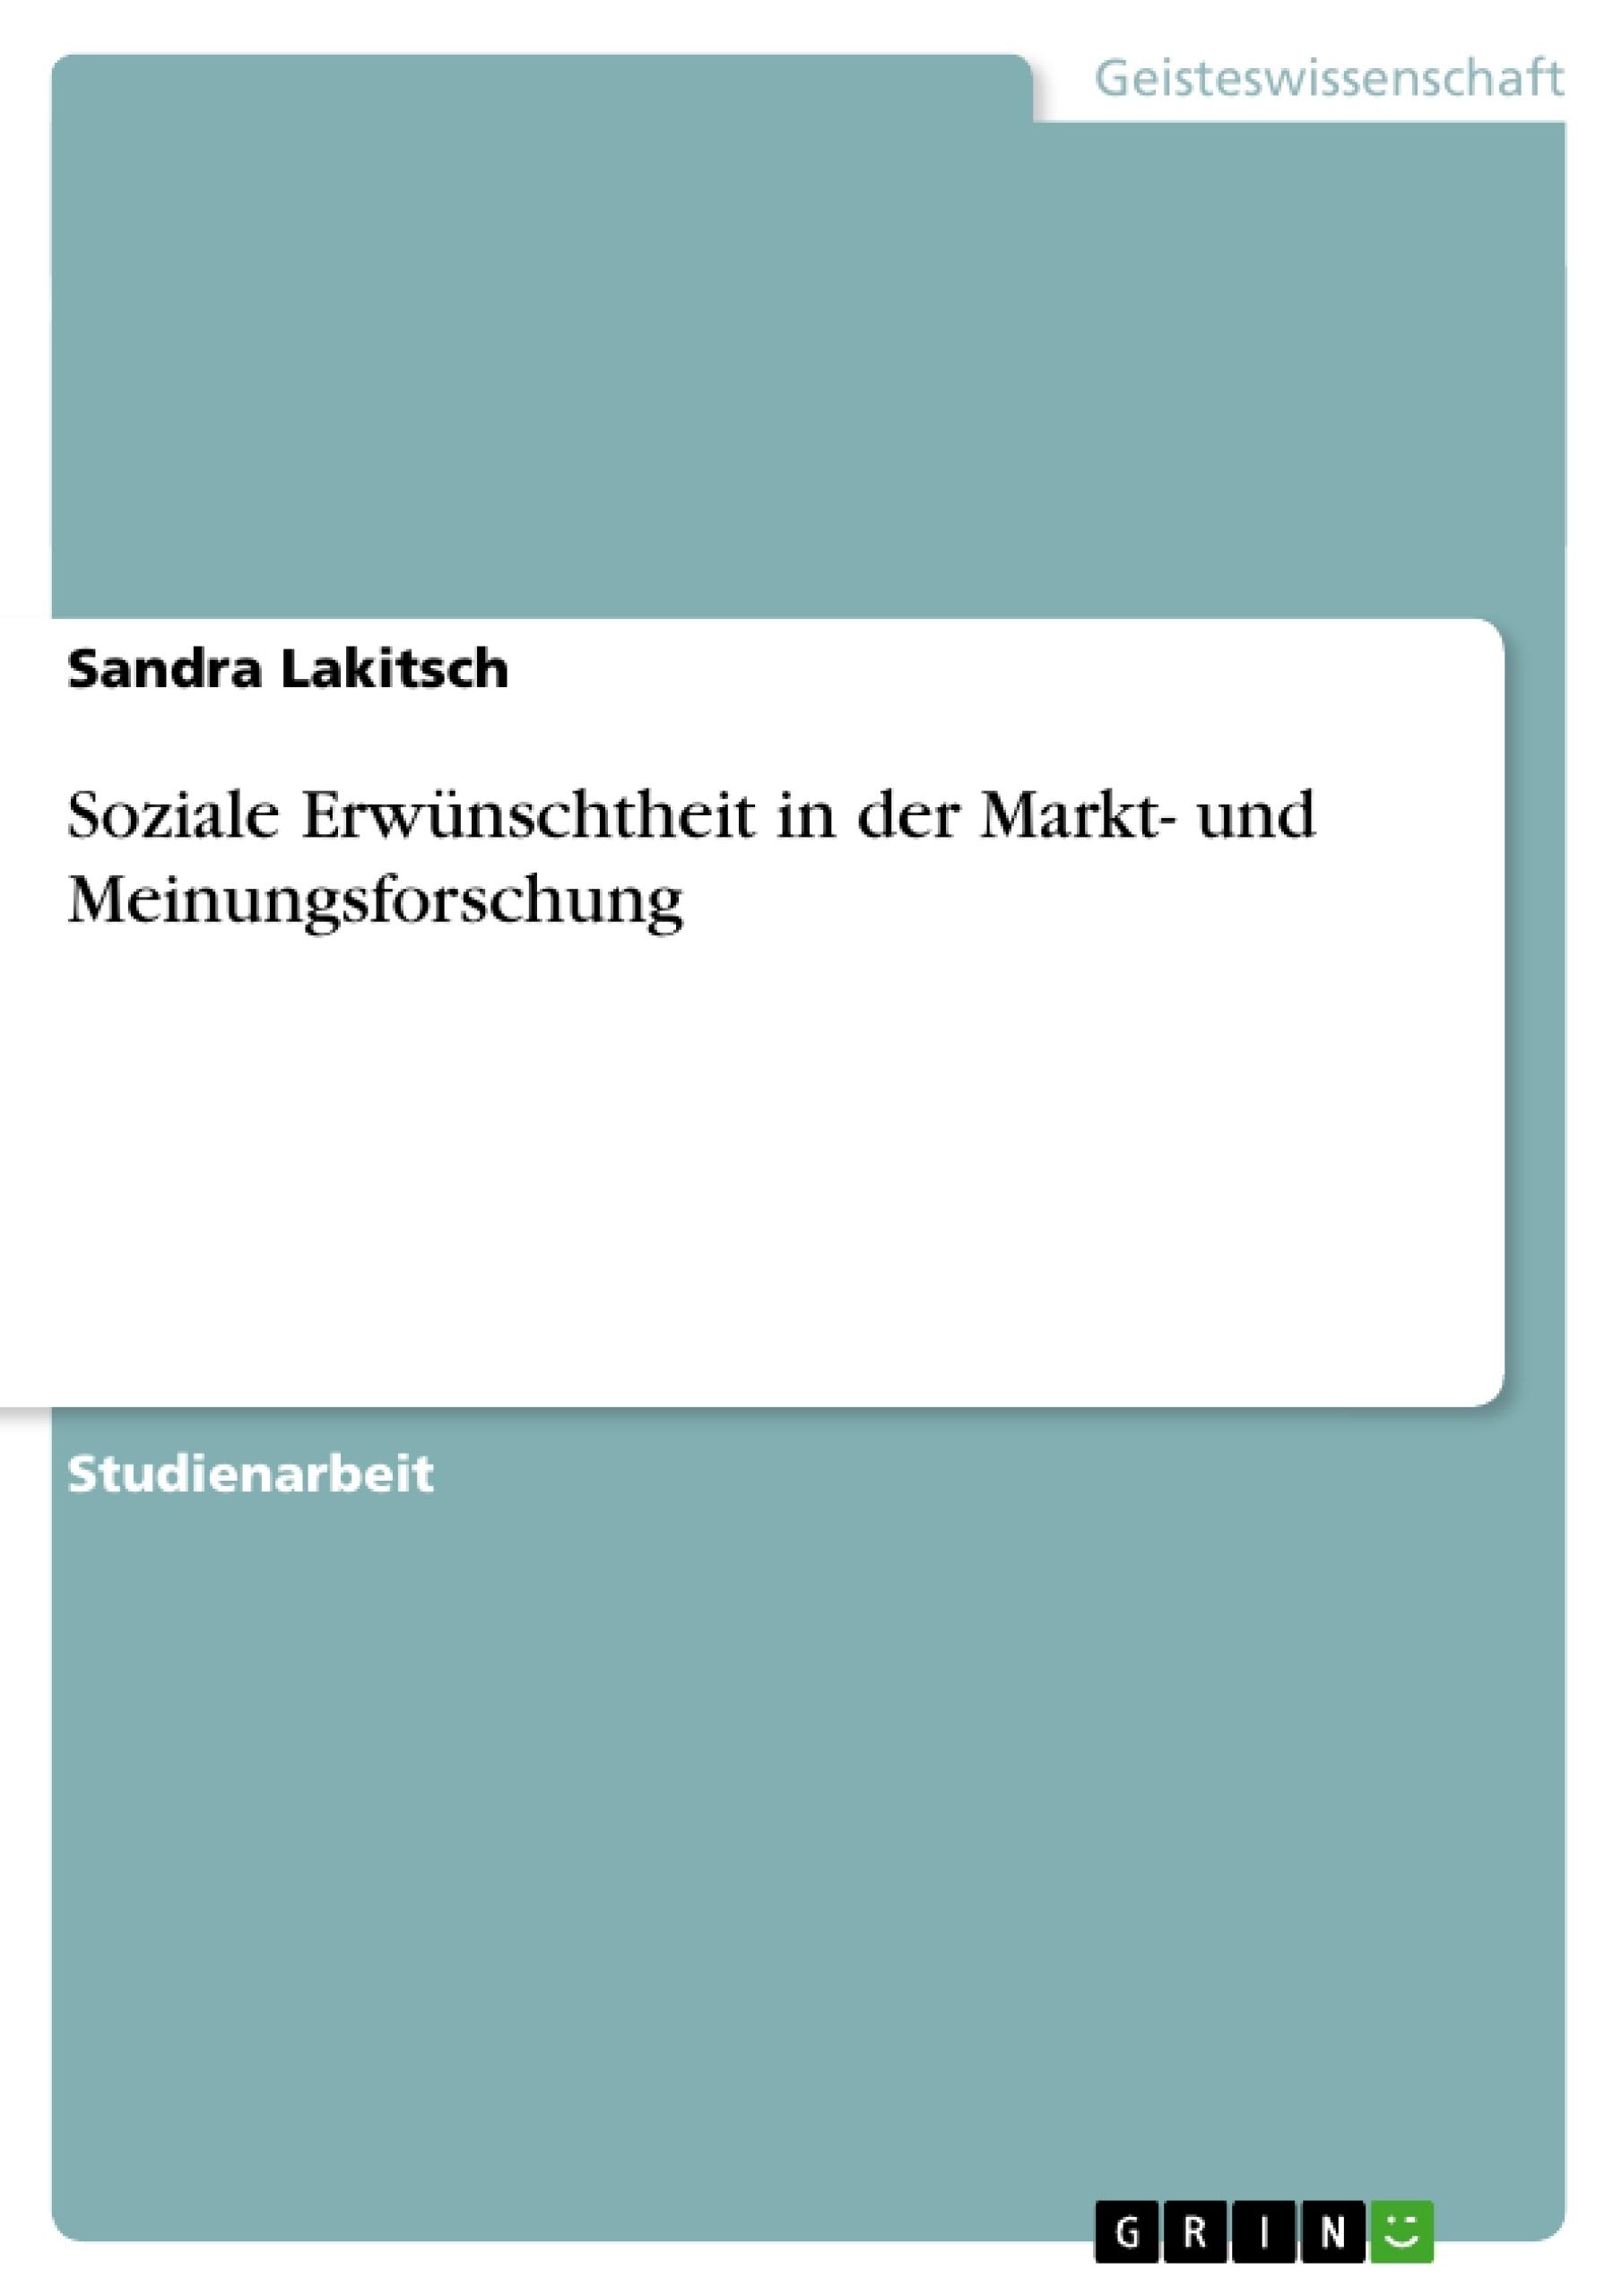 Titel: Soziale Erwünschtheit in der Markt- und Meinungsforschung